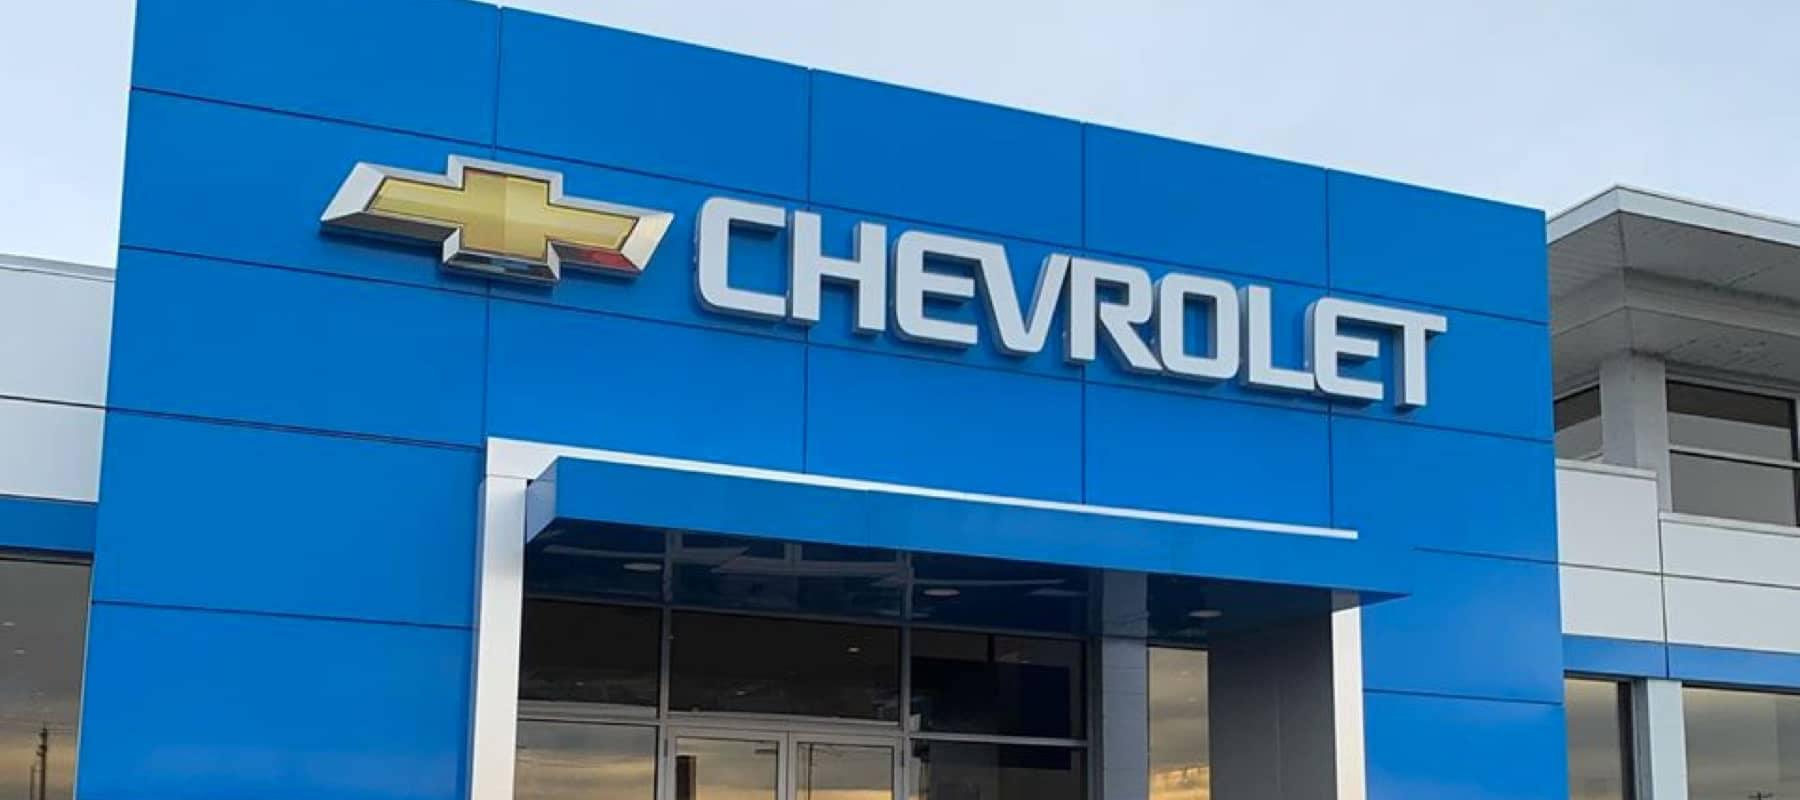 Camp Chevrolet dealership building image